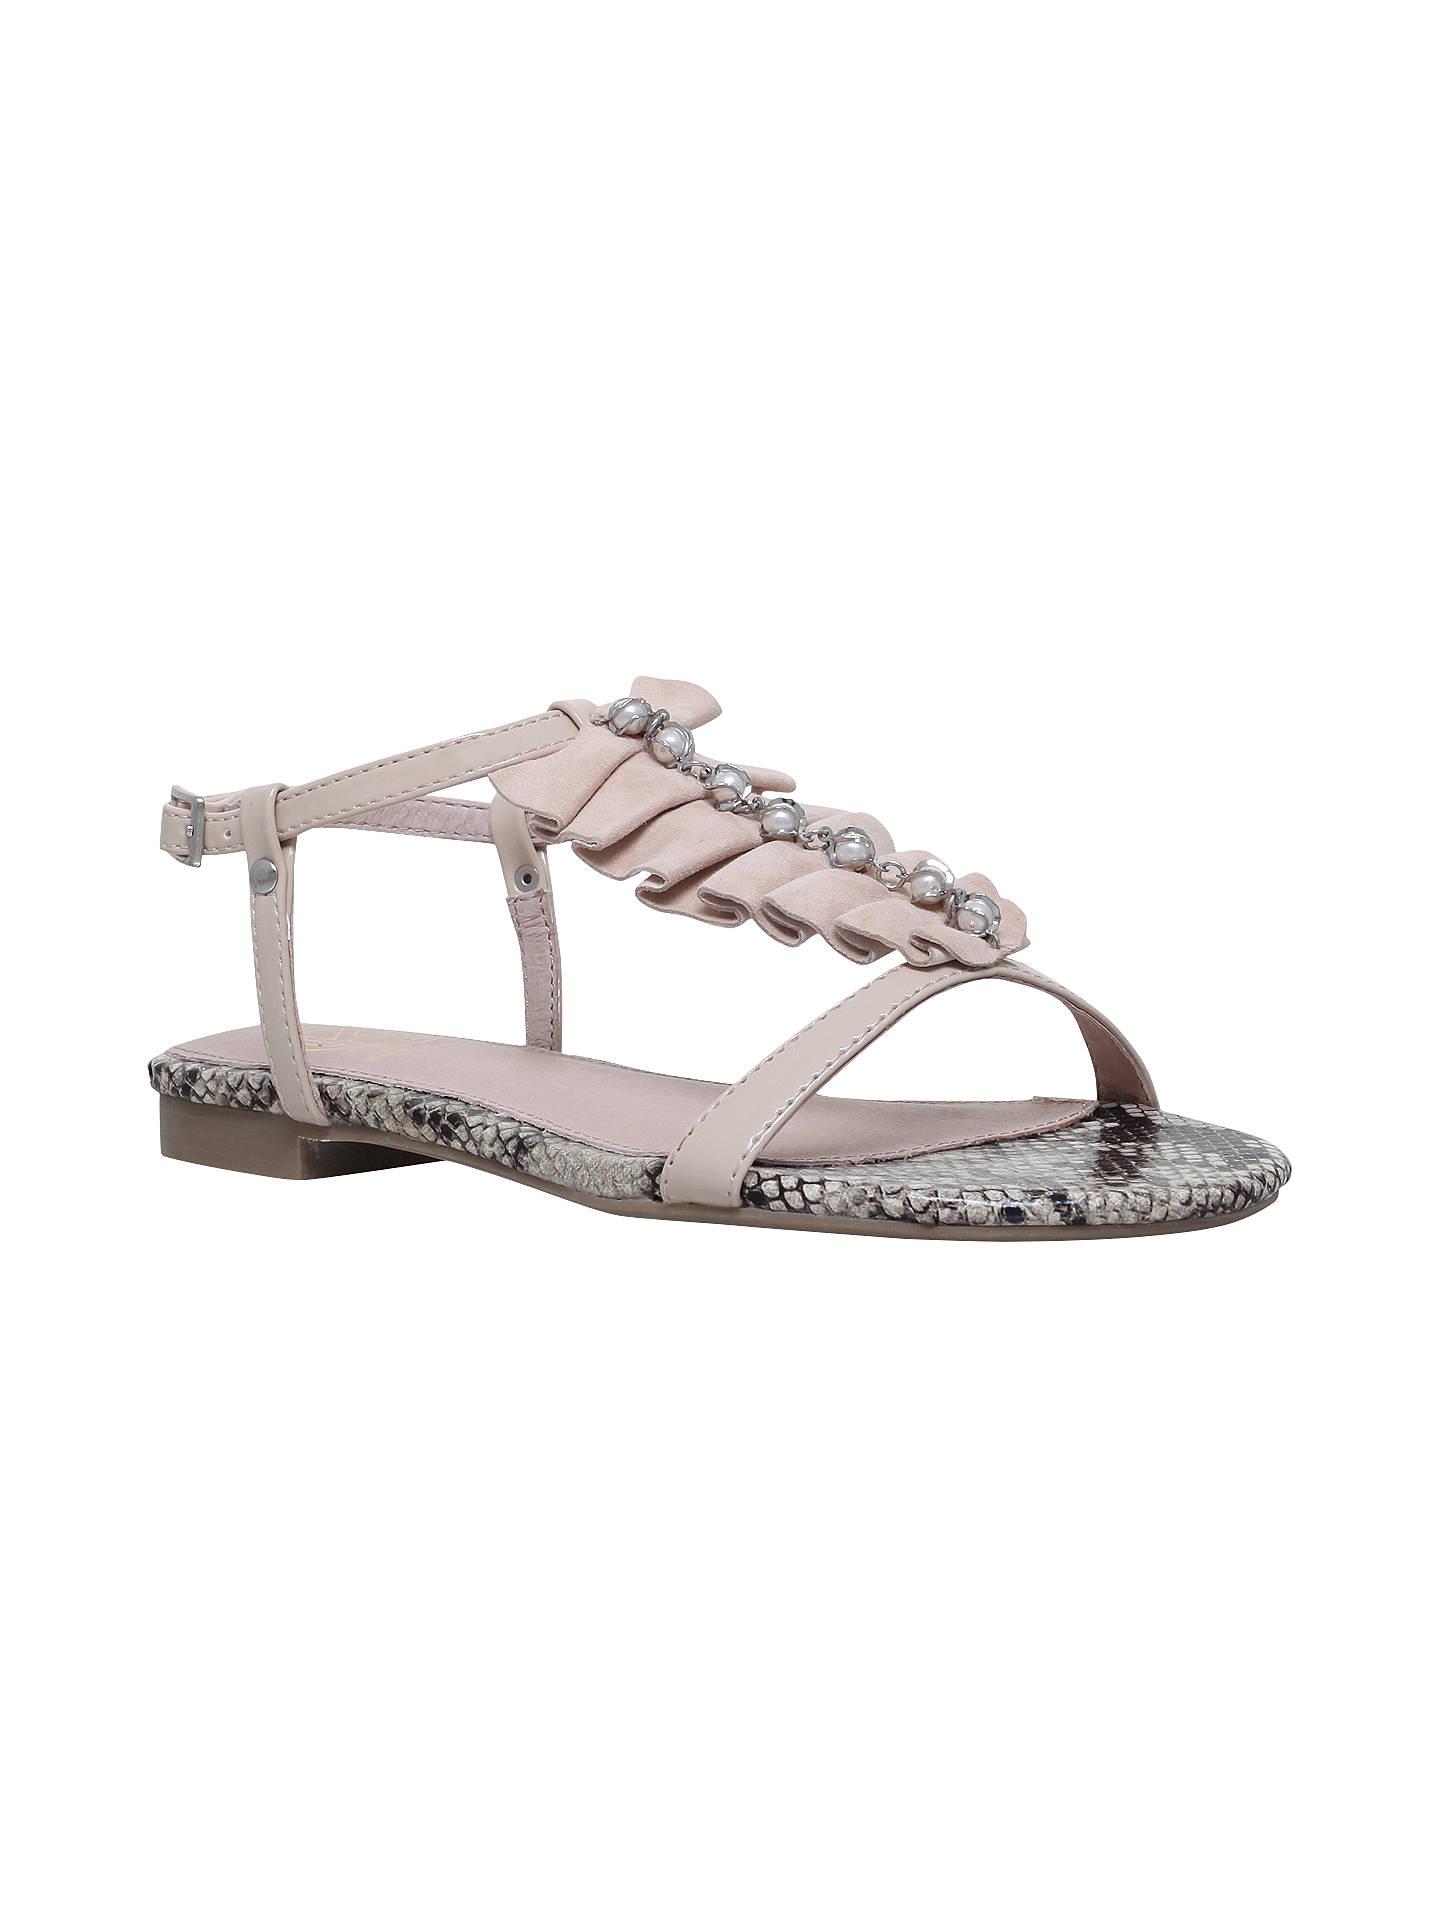 KG Kurt Geiger Womens Match Metallic Sandals - Nude